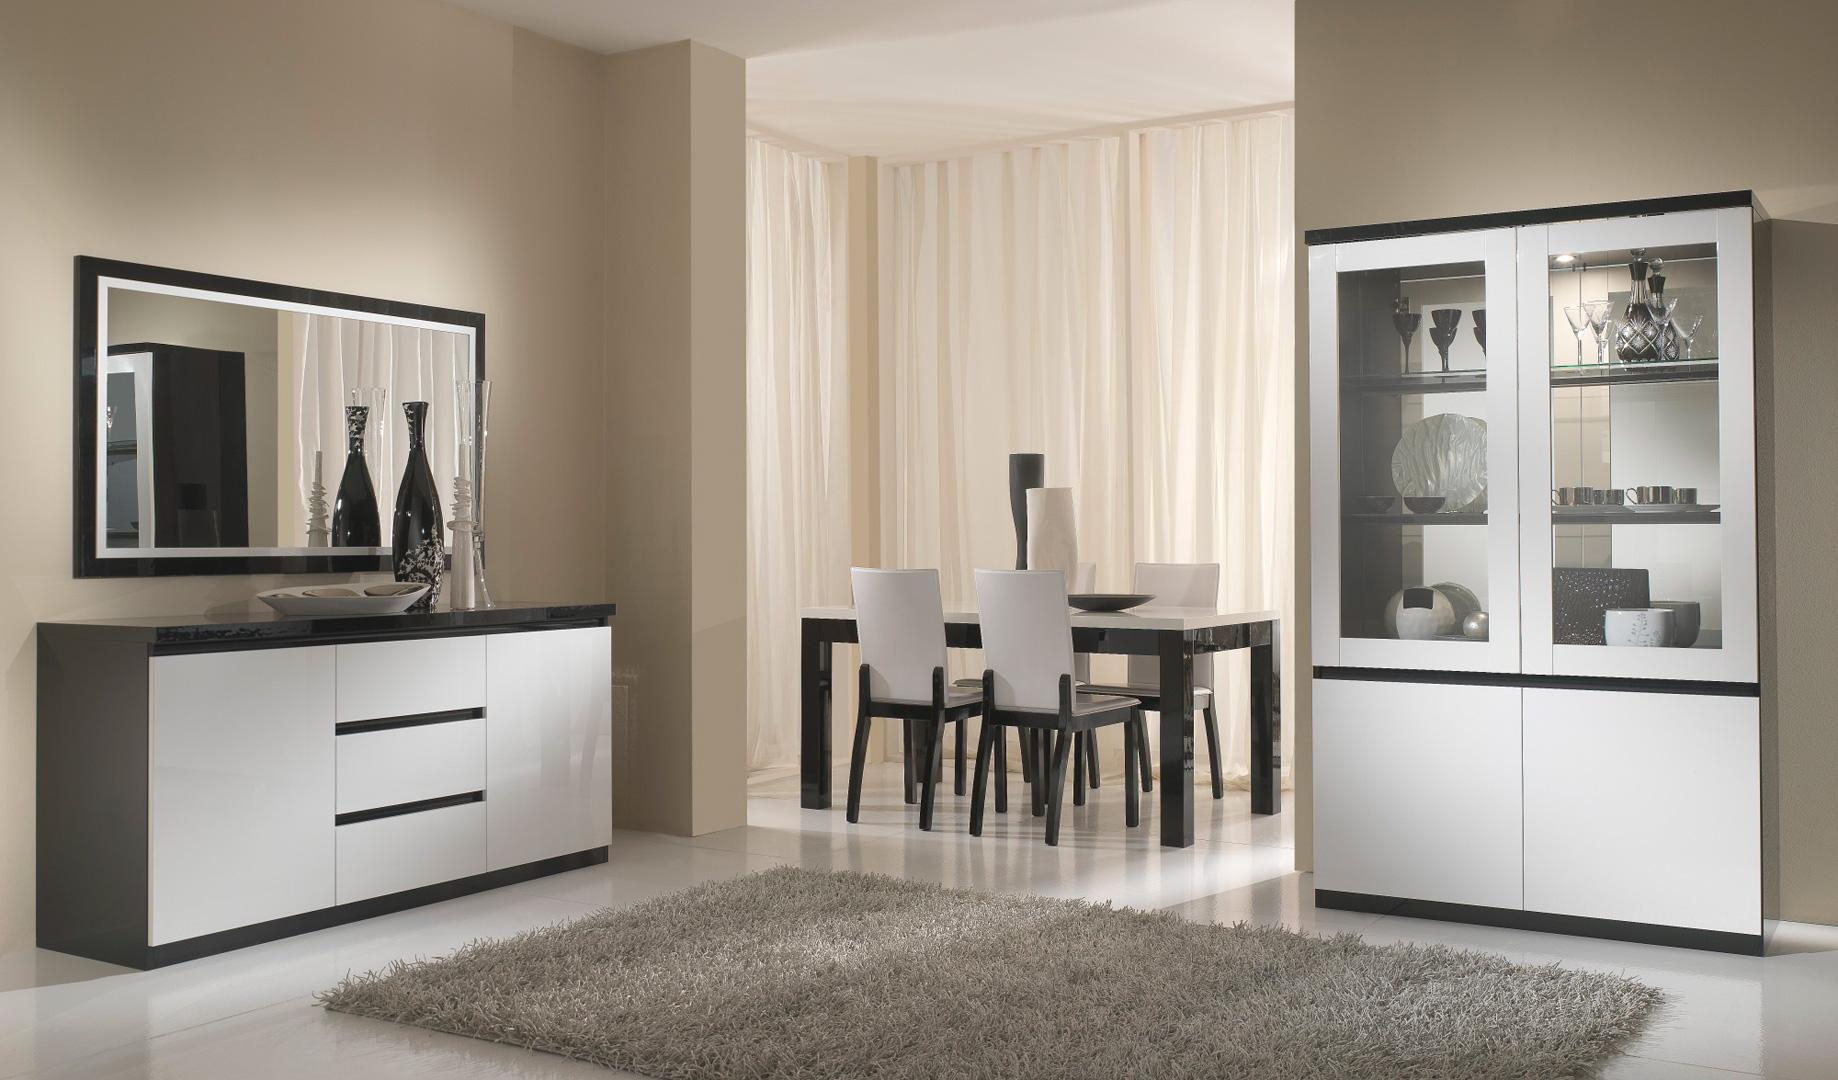 Salle à manger complète design laquée blanche et noir Krista